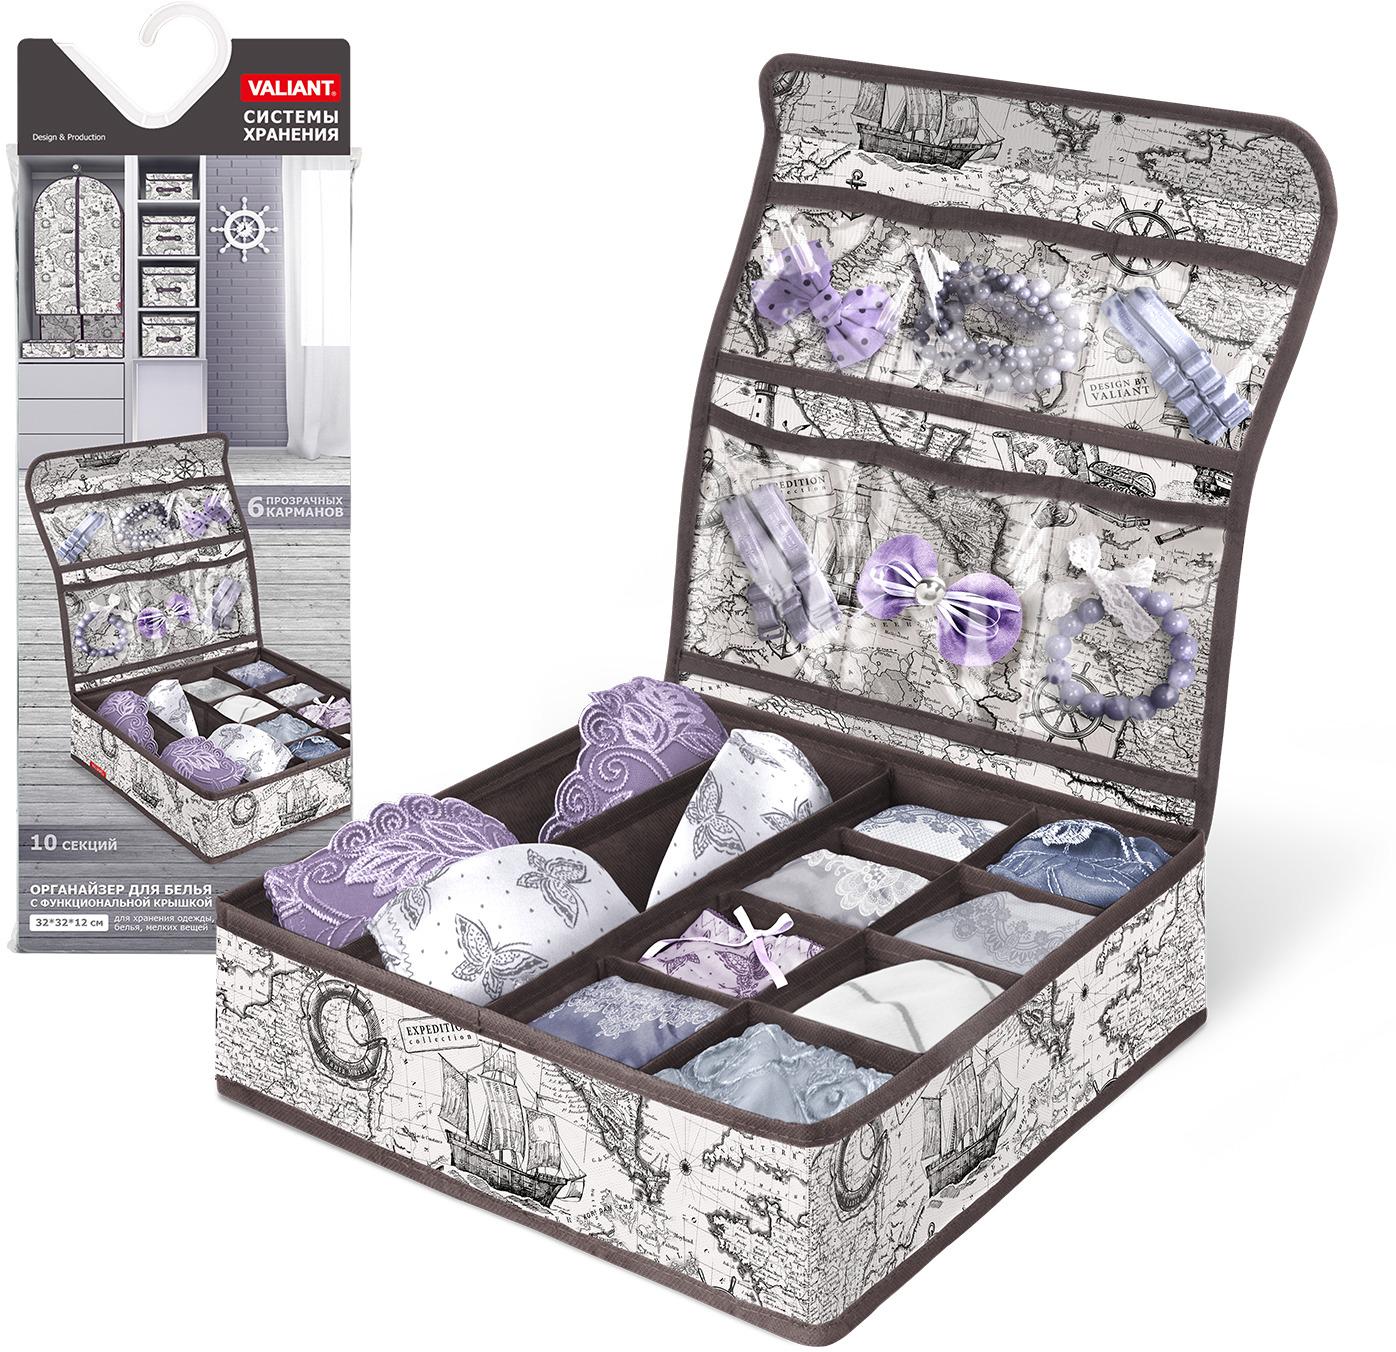 Органайзер для вещей Valiant Expedition с крышкой, цвет: светло-серый, 32 х 32 х 12 см цена